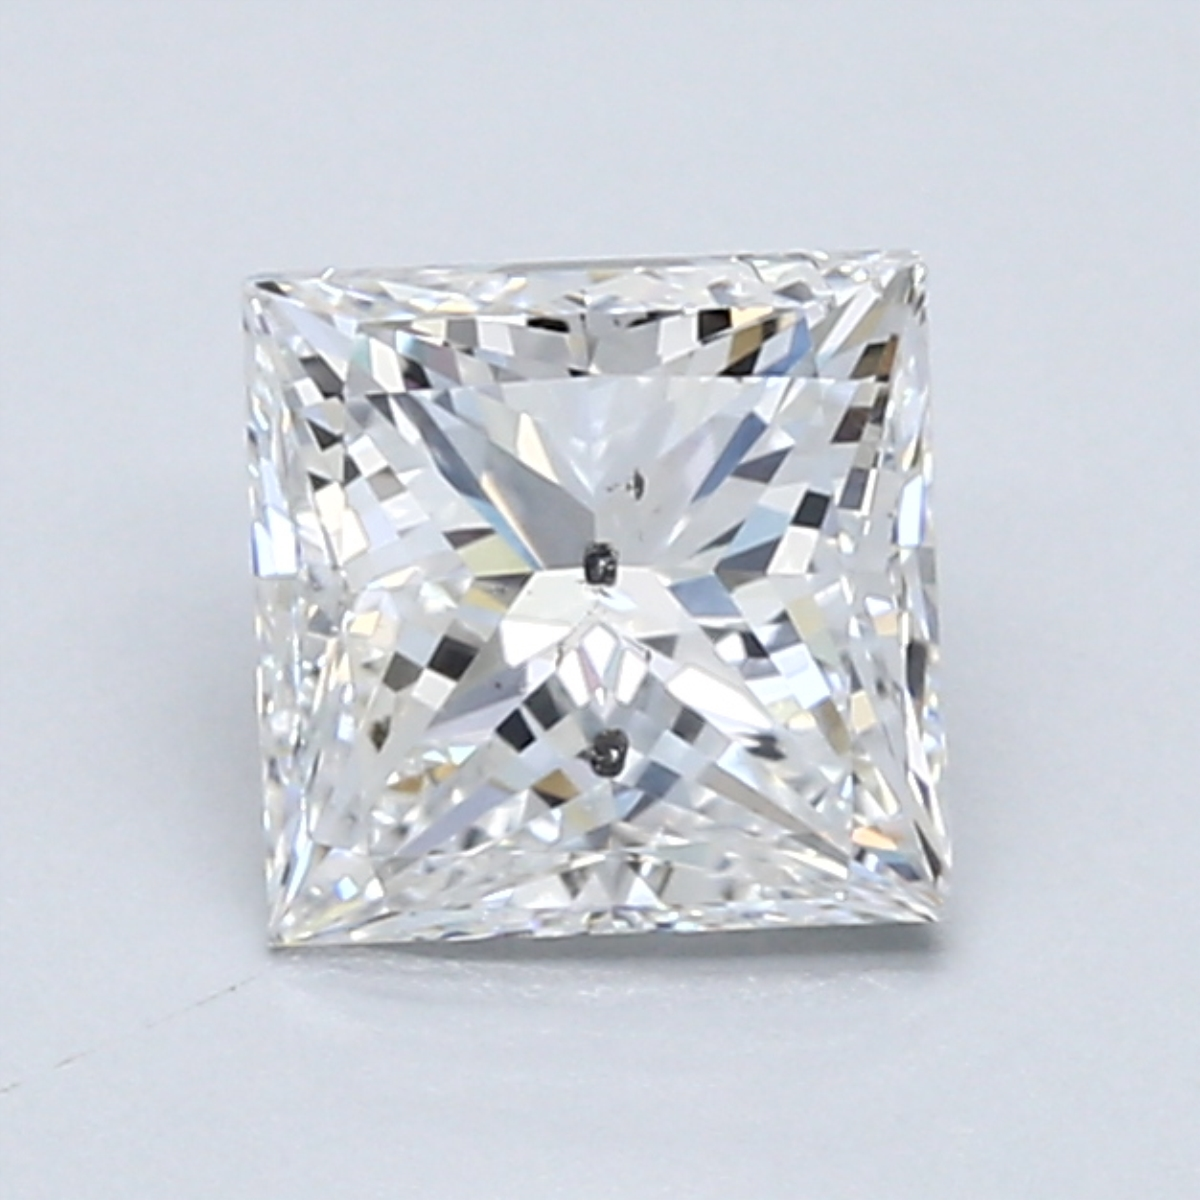 1.5 PR Diamond (E, SI2)